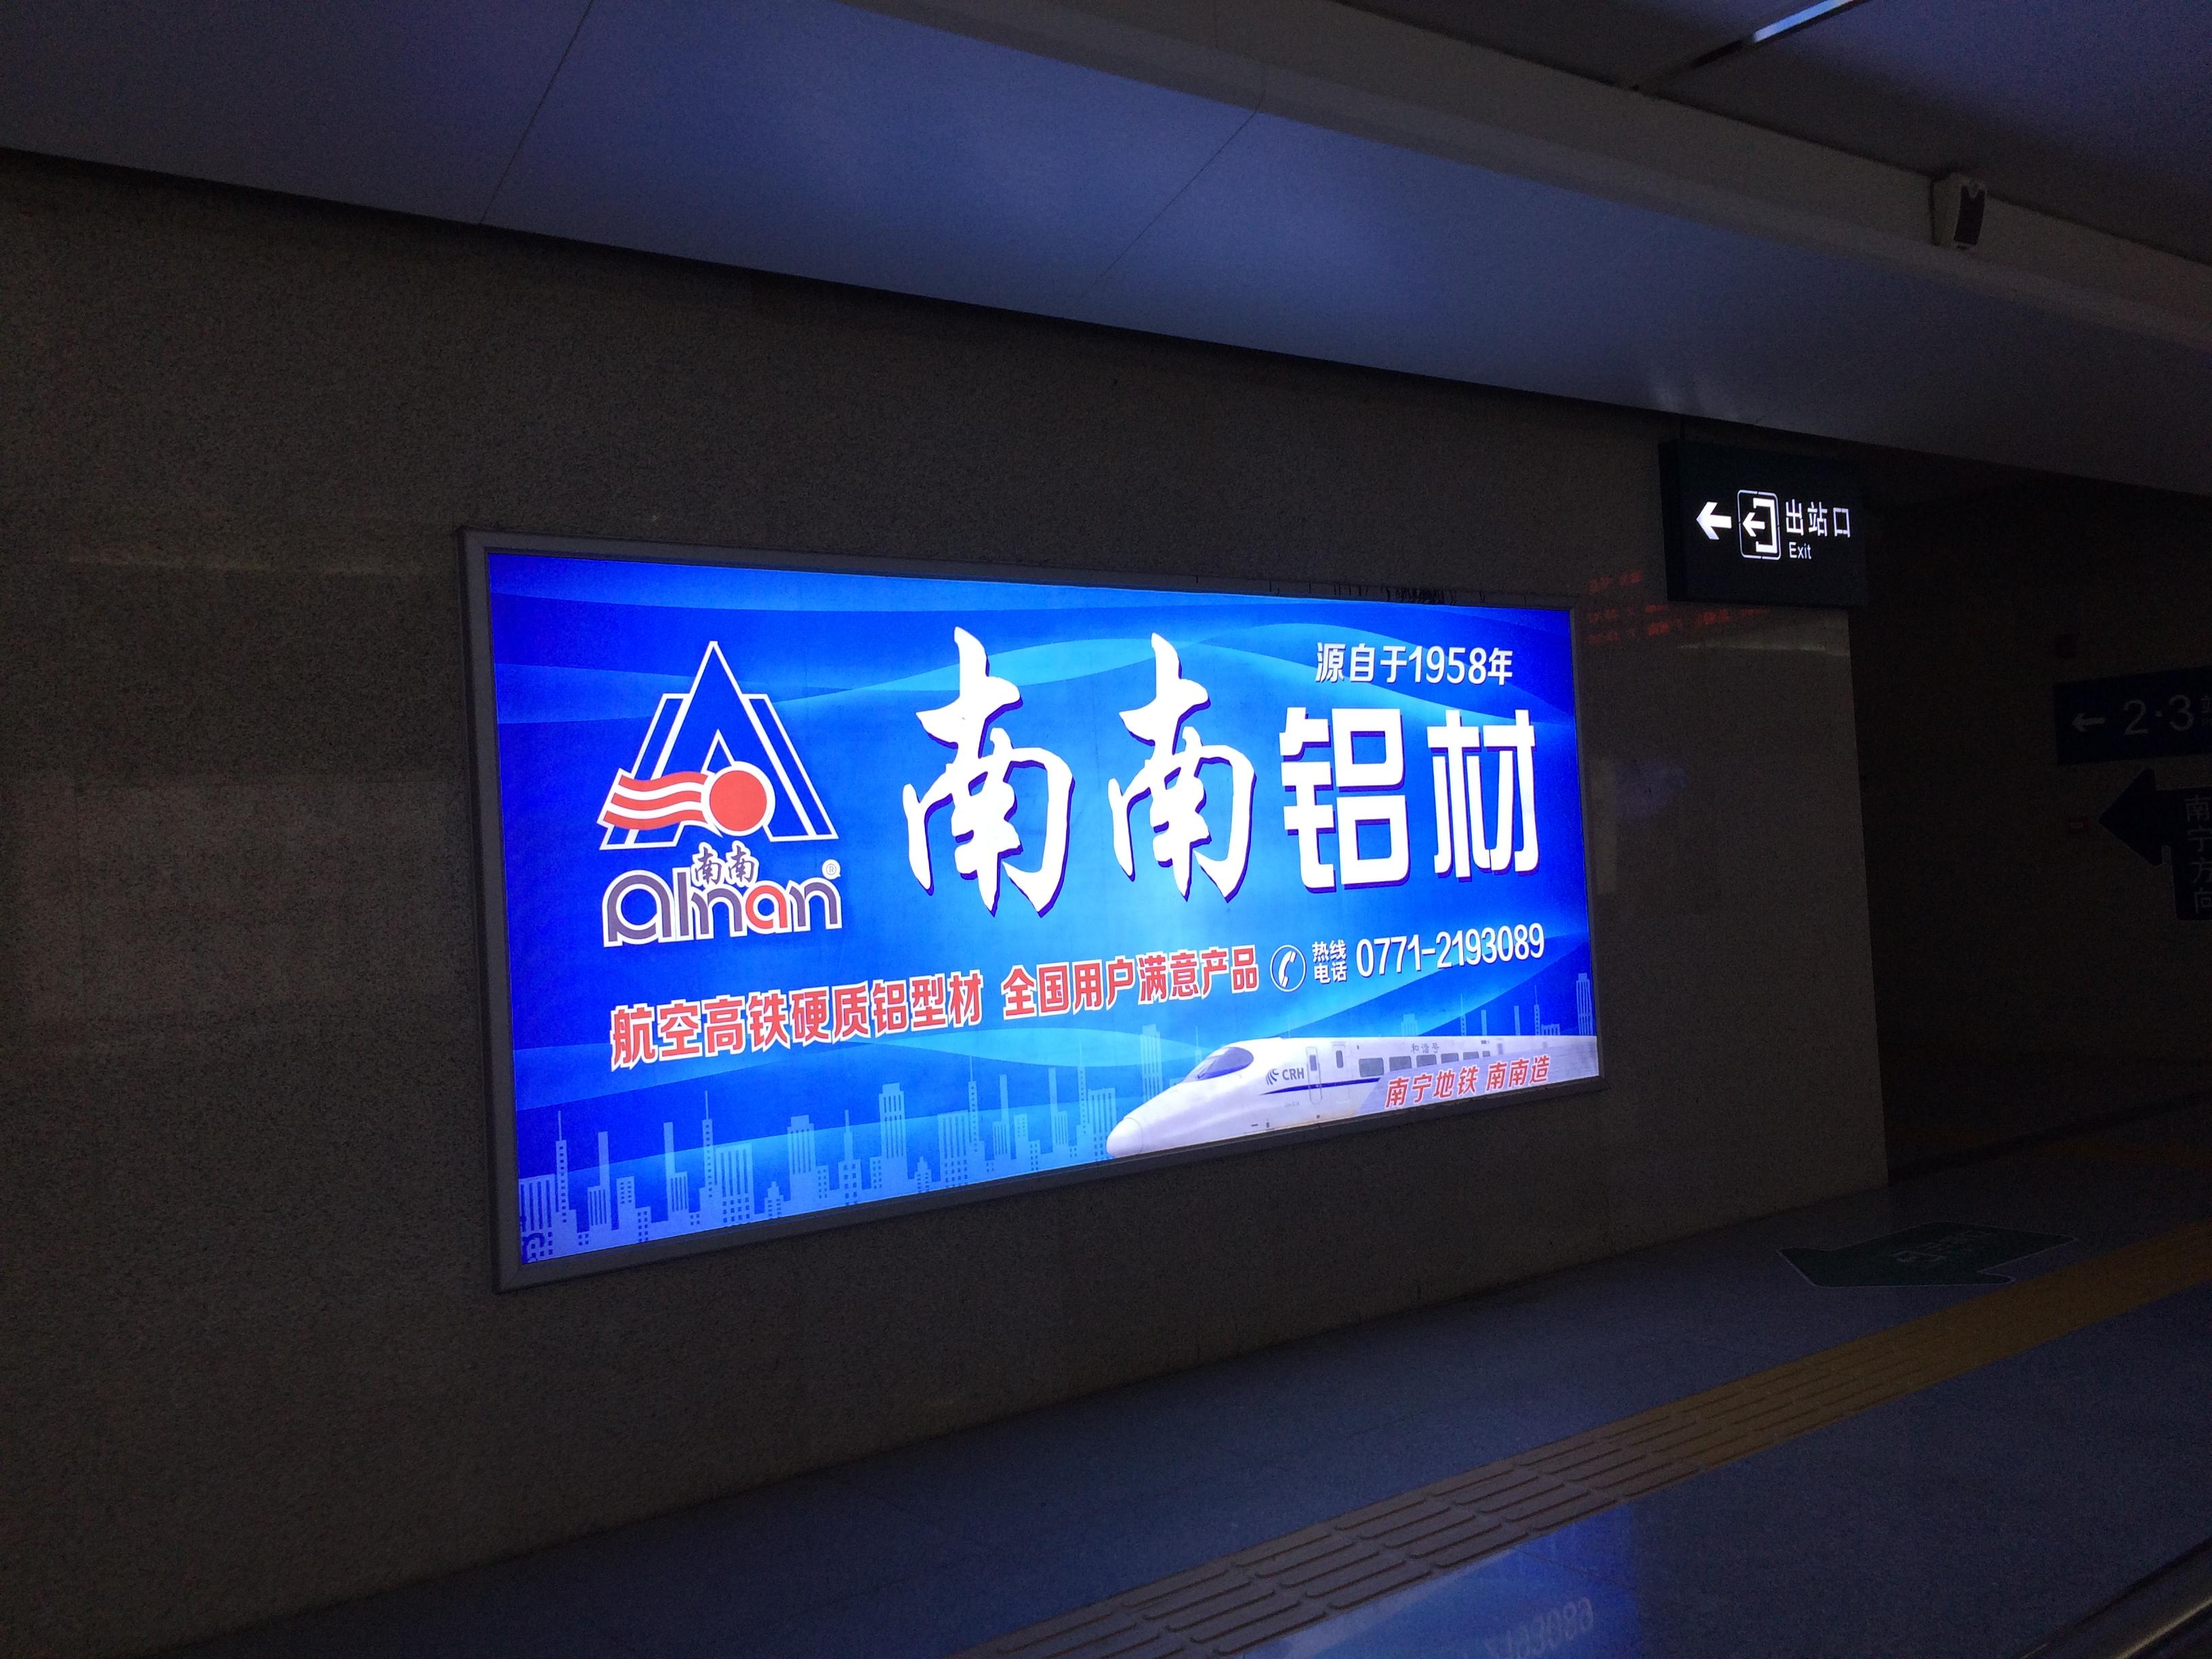 广西南宁市宾阳站火车站高铁站地下通道灯箱媒体广告位